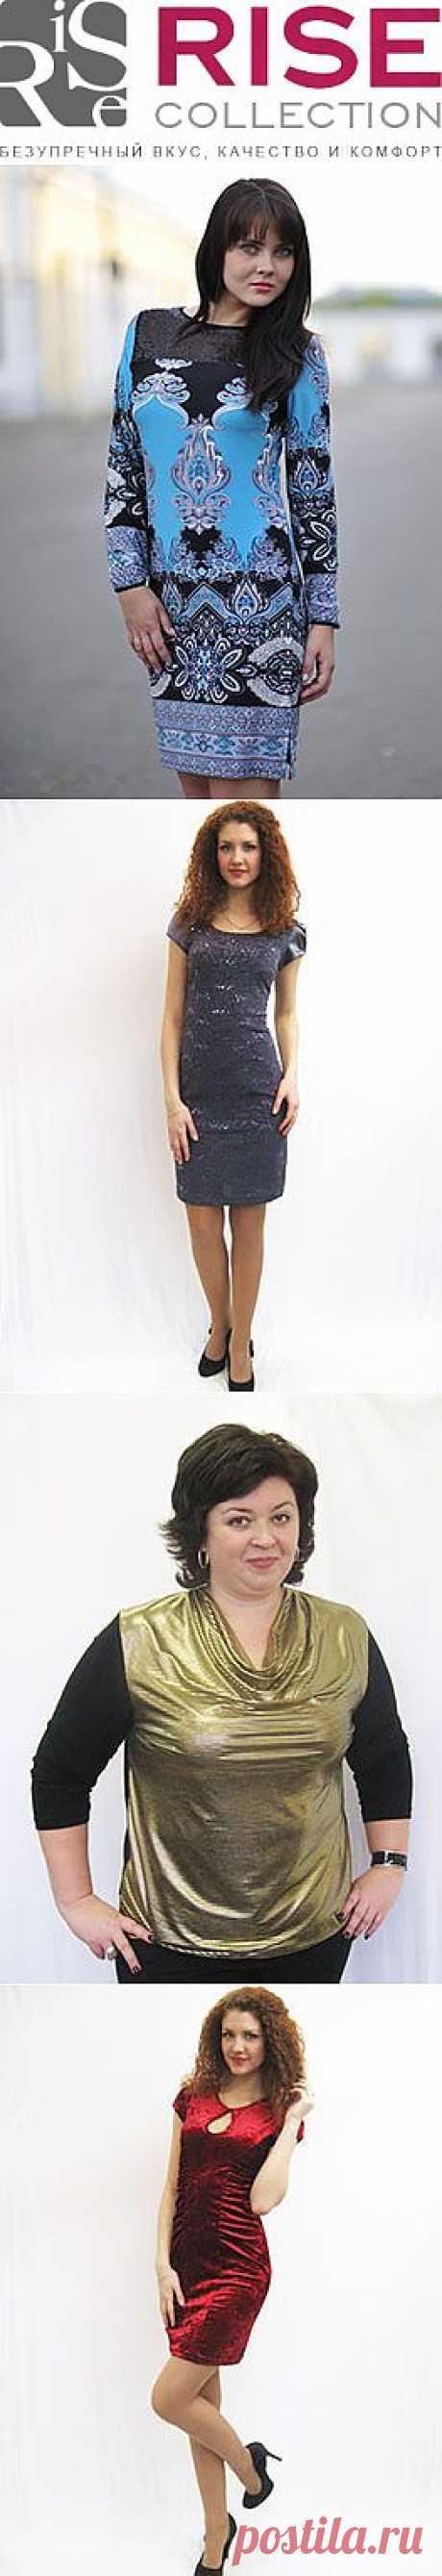 Праздничная коллекция   Женский трикотаж оптом: стильные модели, высокое качество, выгодные условия